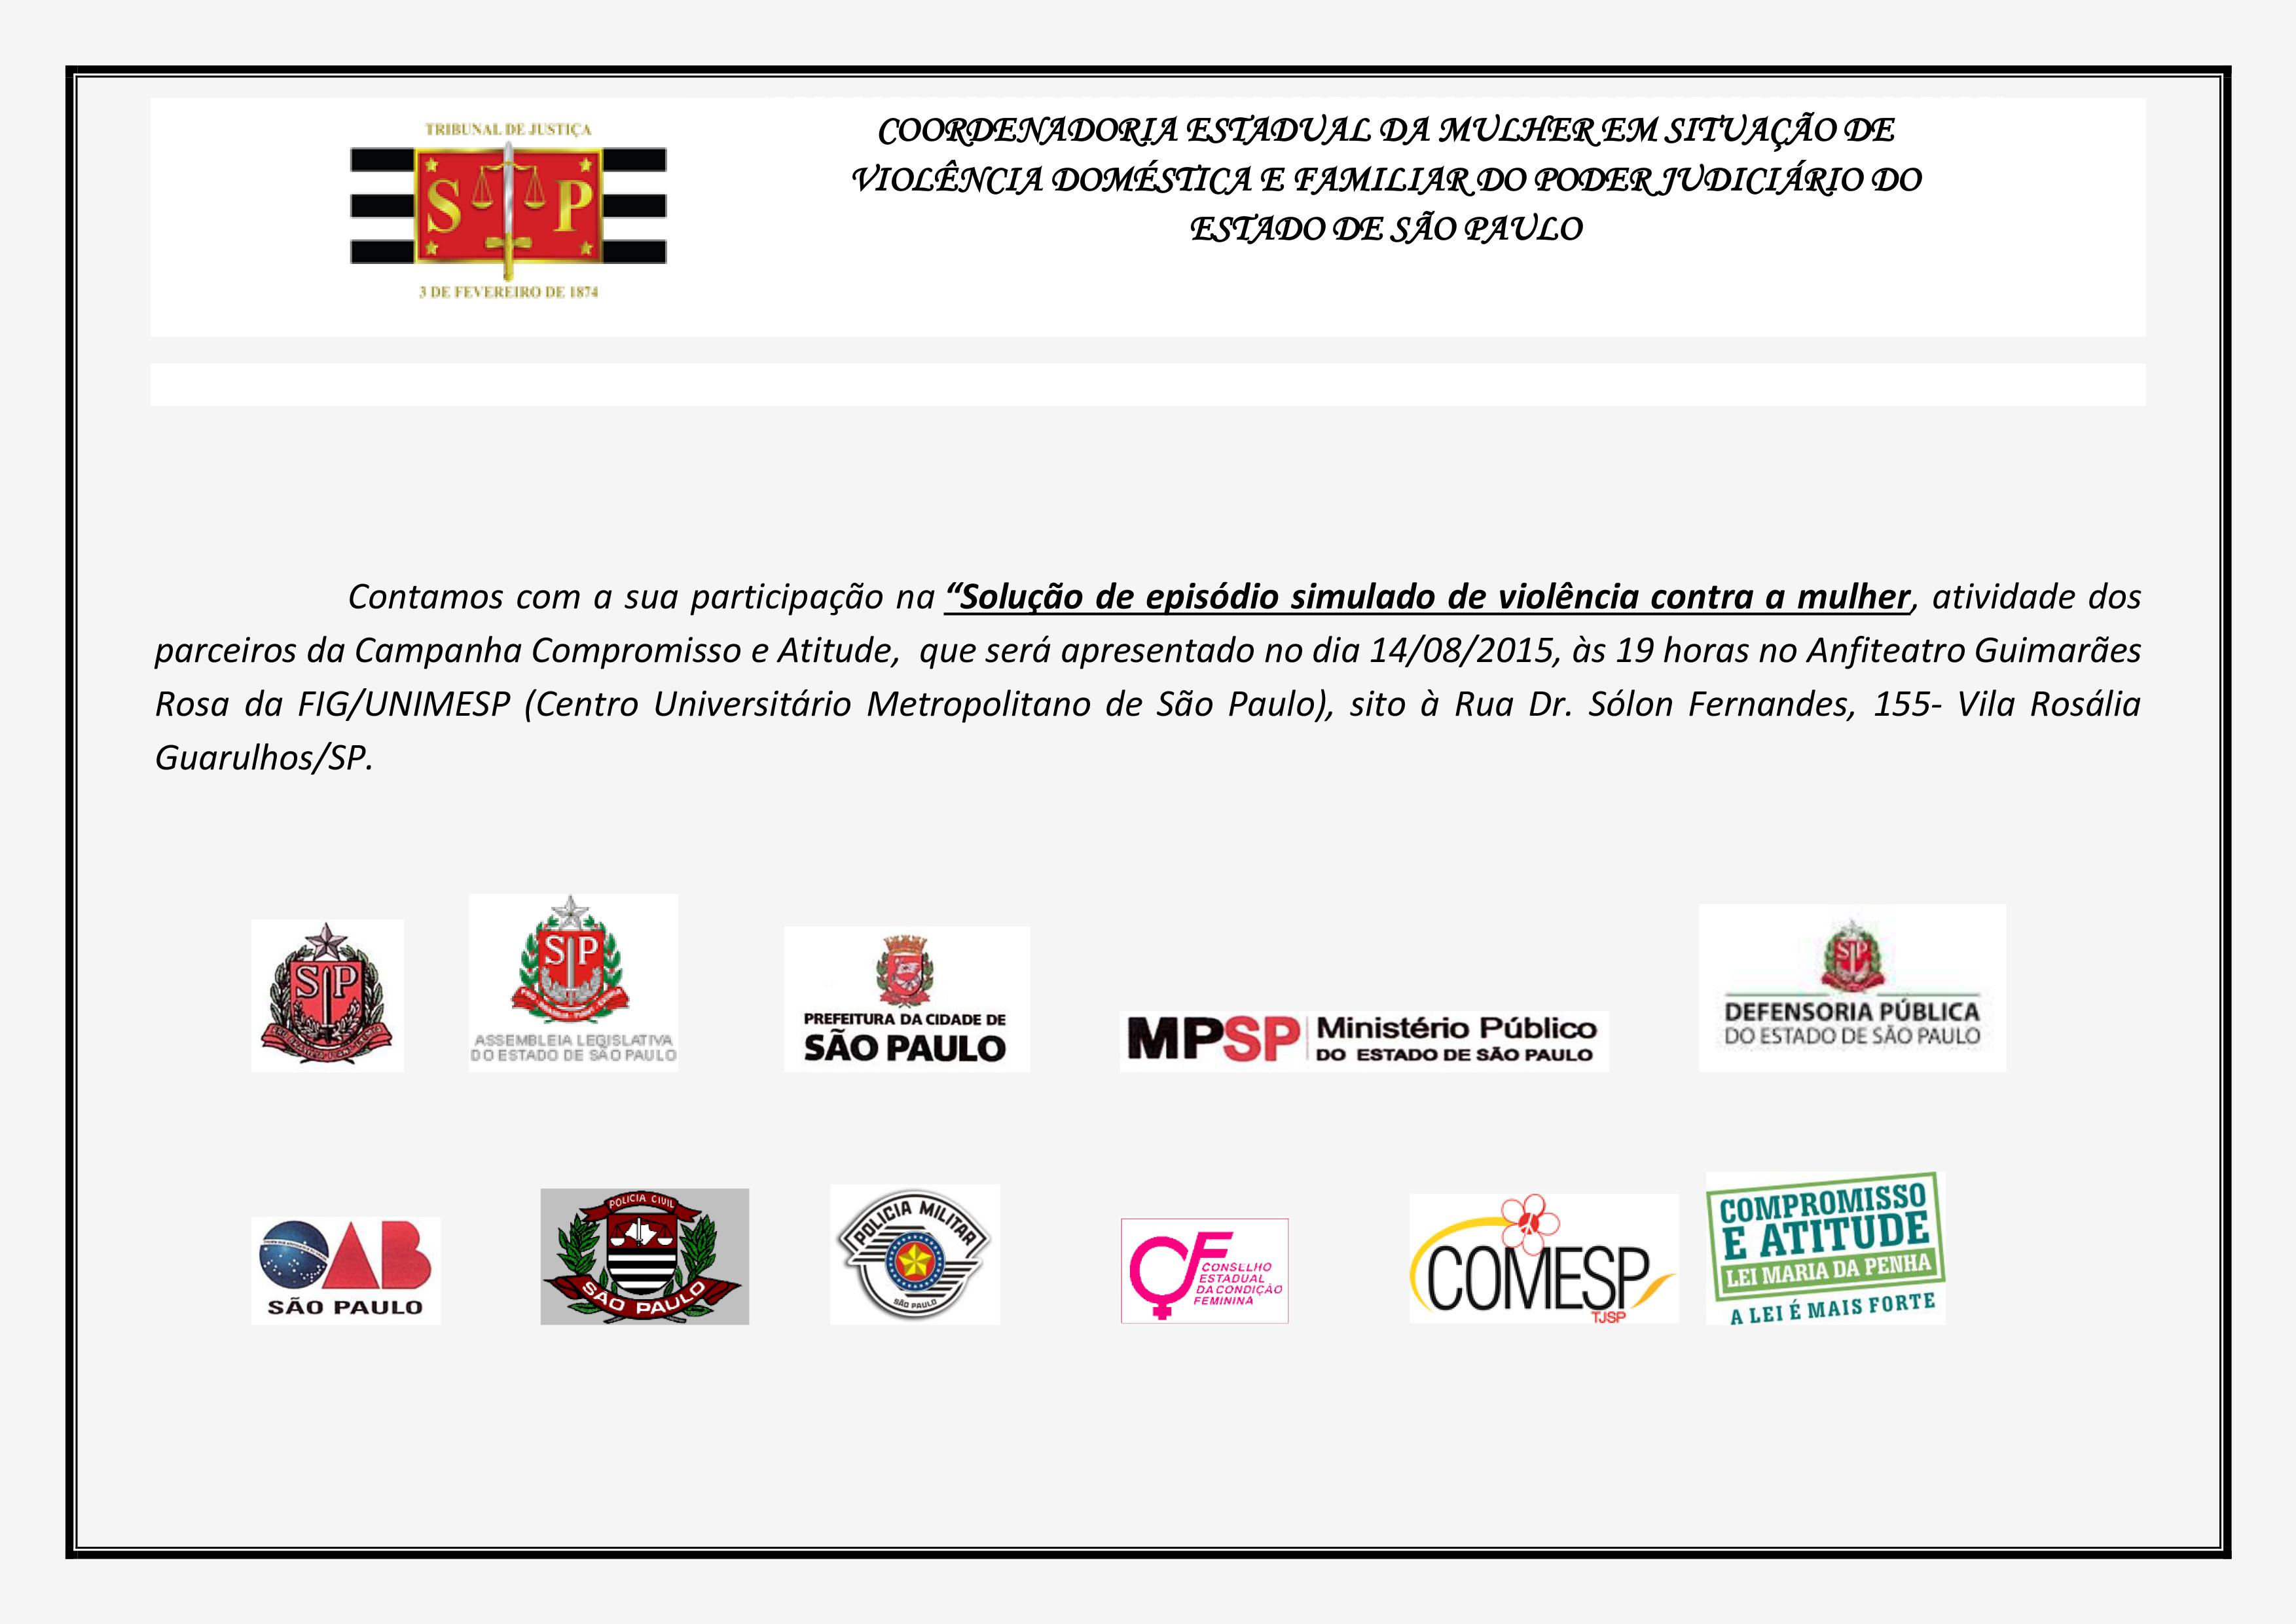 CONVITE_juri simulado comesp